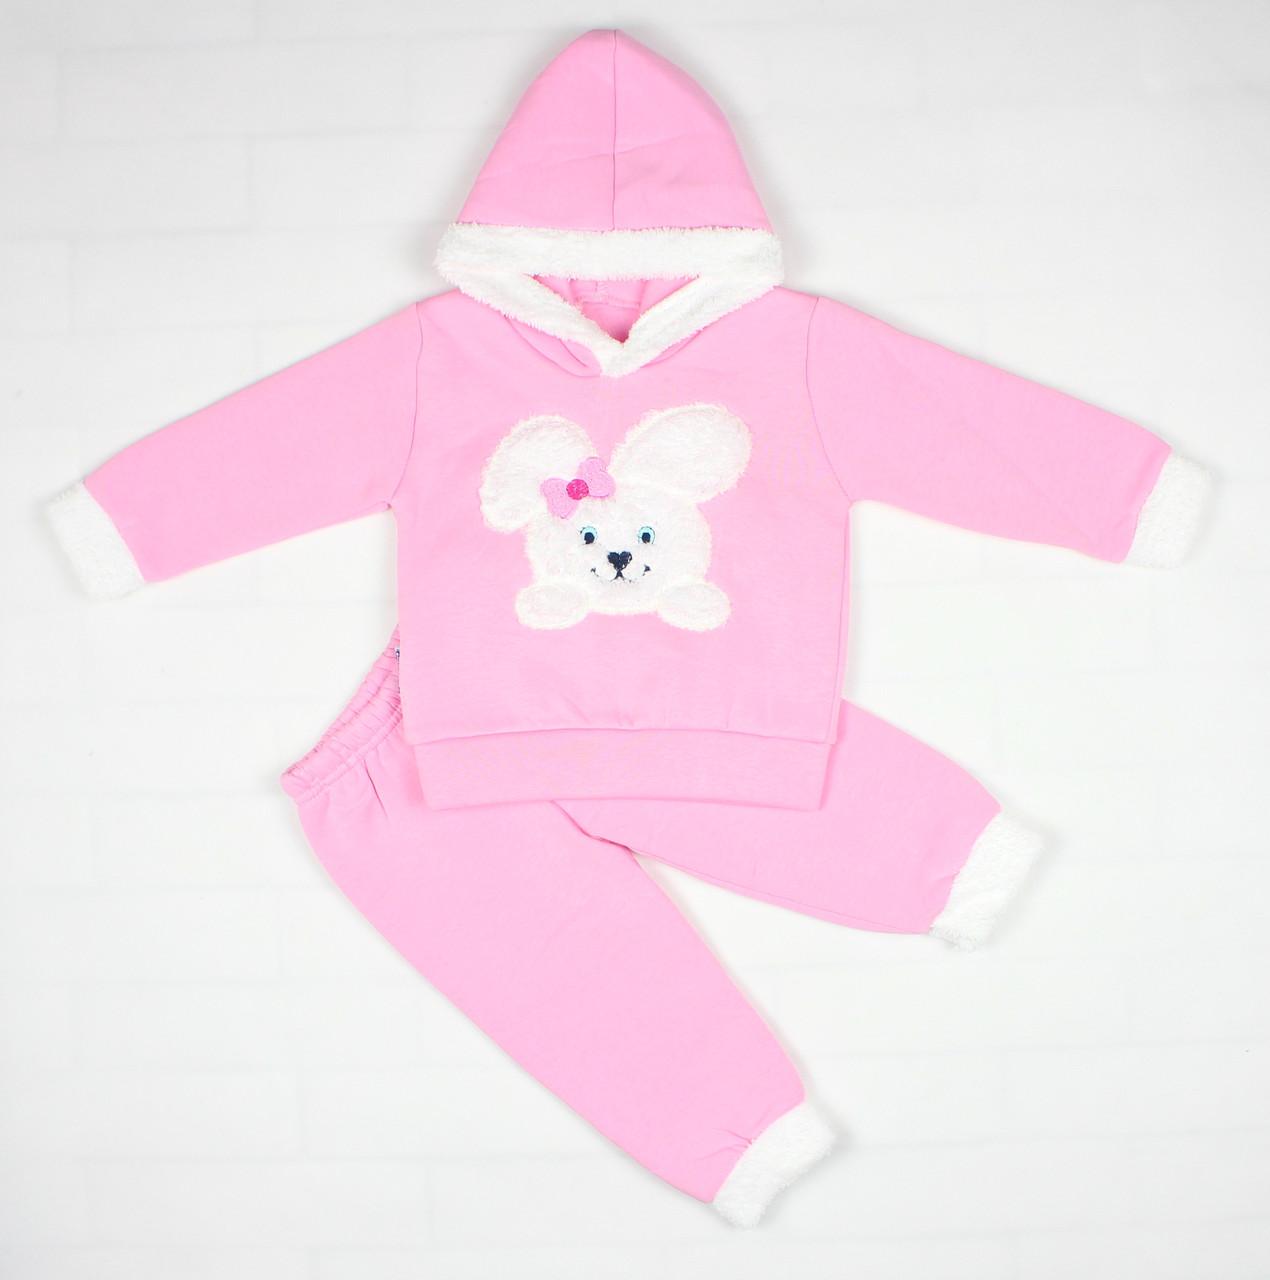 Теплый зимний розовый костюм с зайкой для ребенка